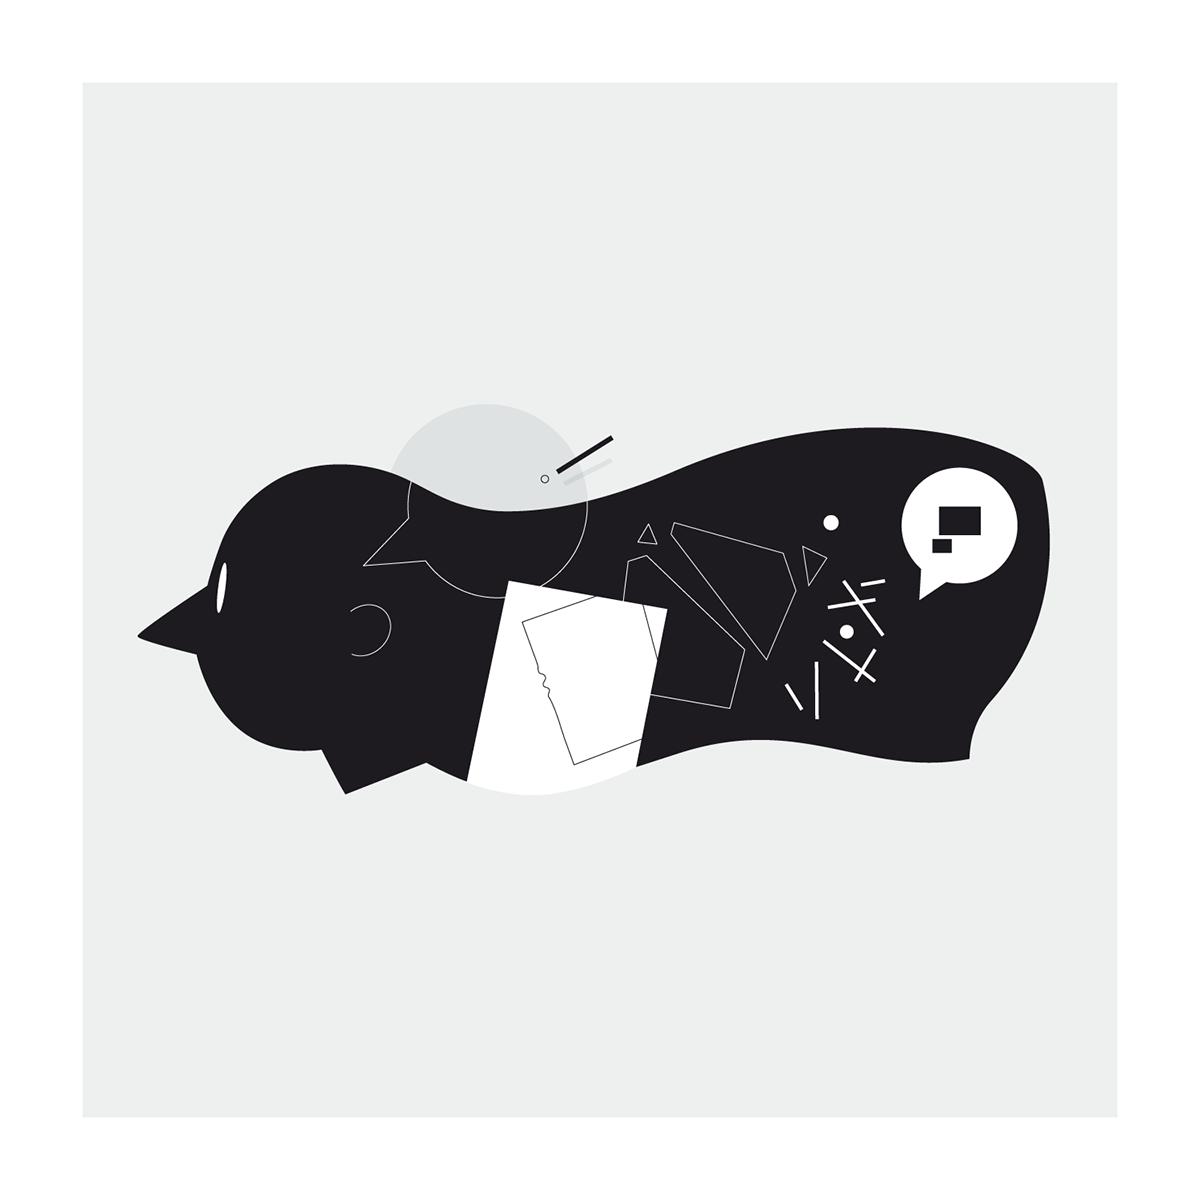 minimalistic lineart monochrome fears psychology fear Work